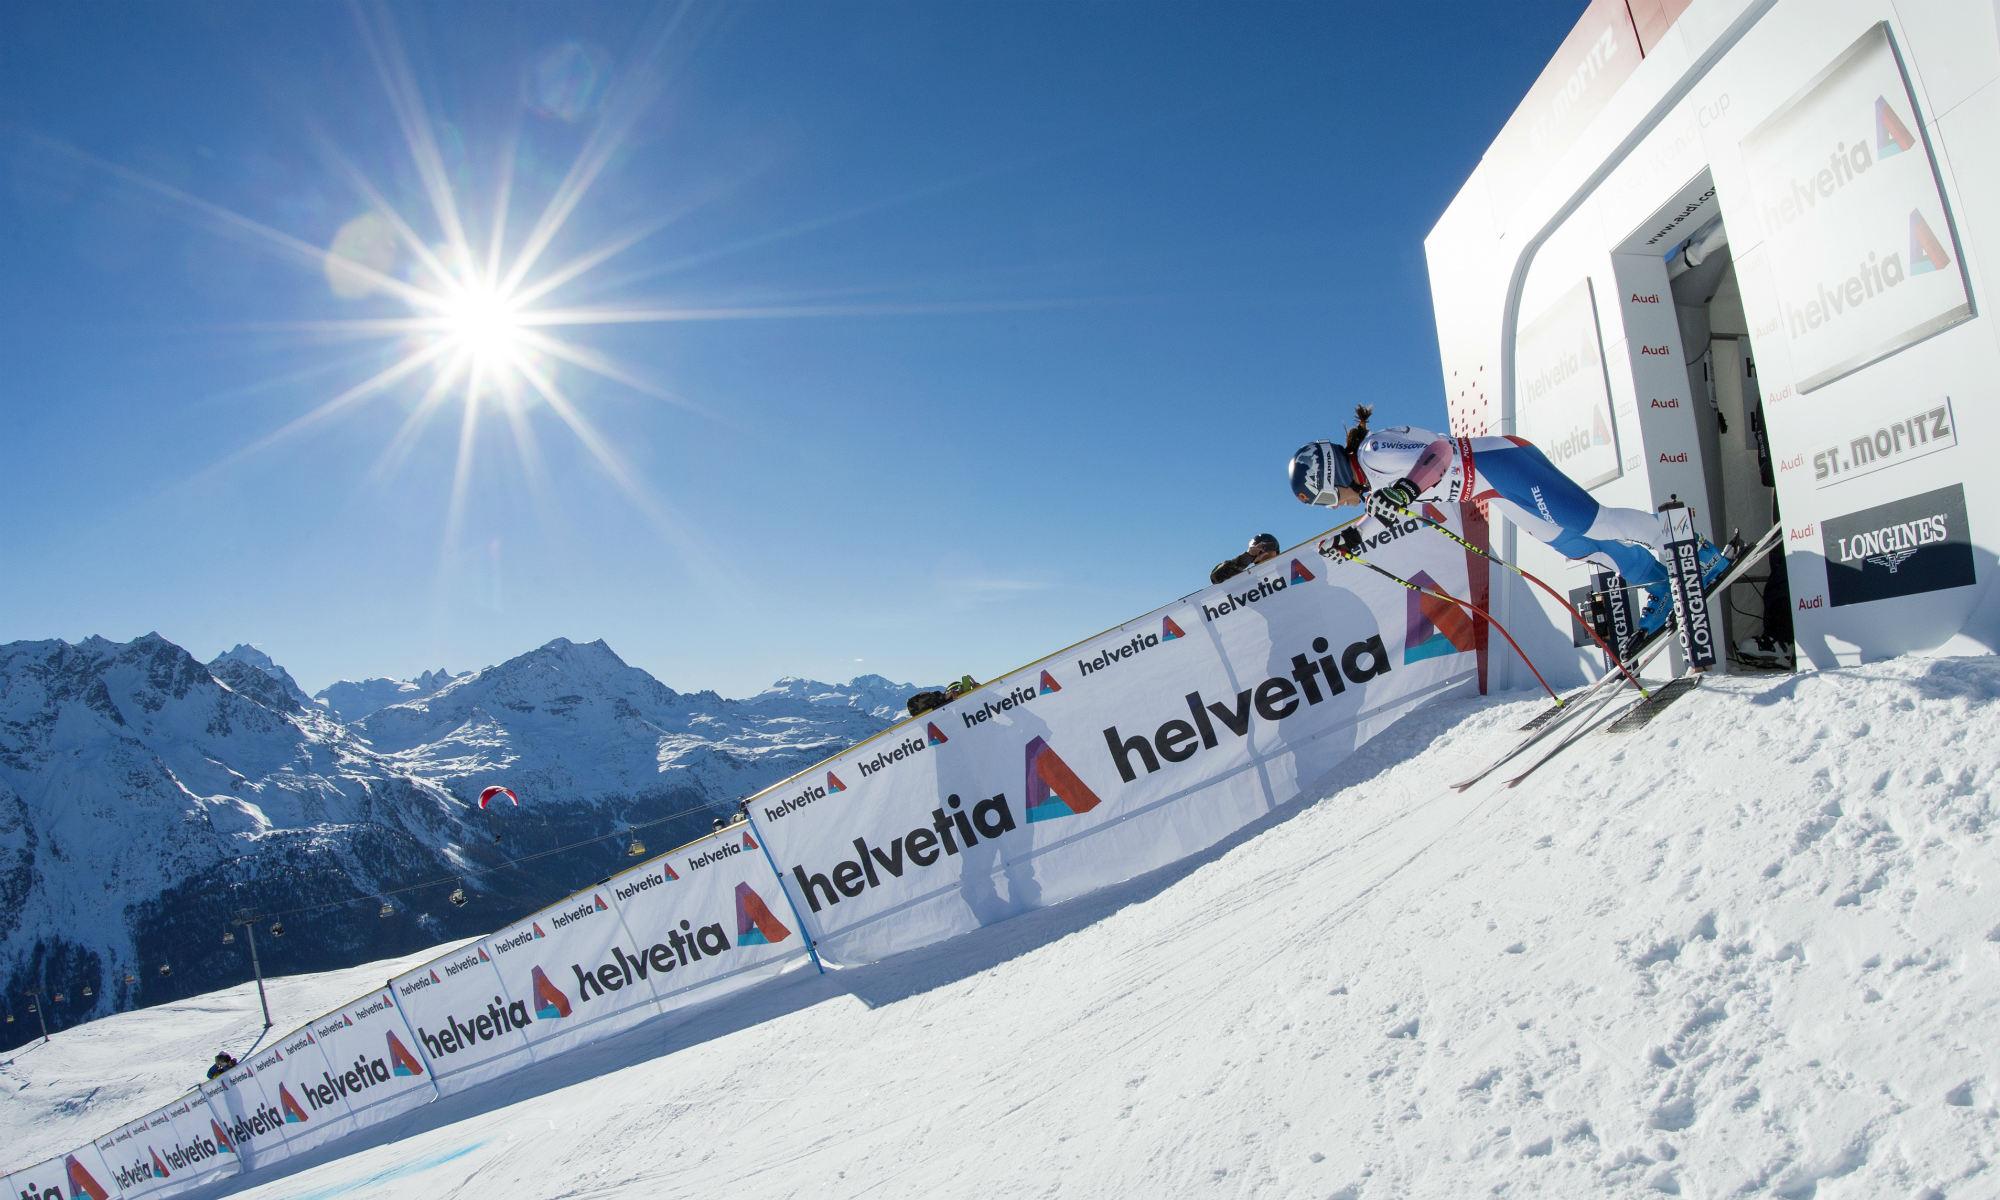 Un corridore sulla Corviglia all'annuale gara annuale di Coppa del Mondo FIS a St. Moritz.